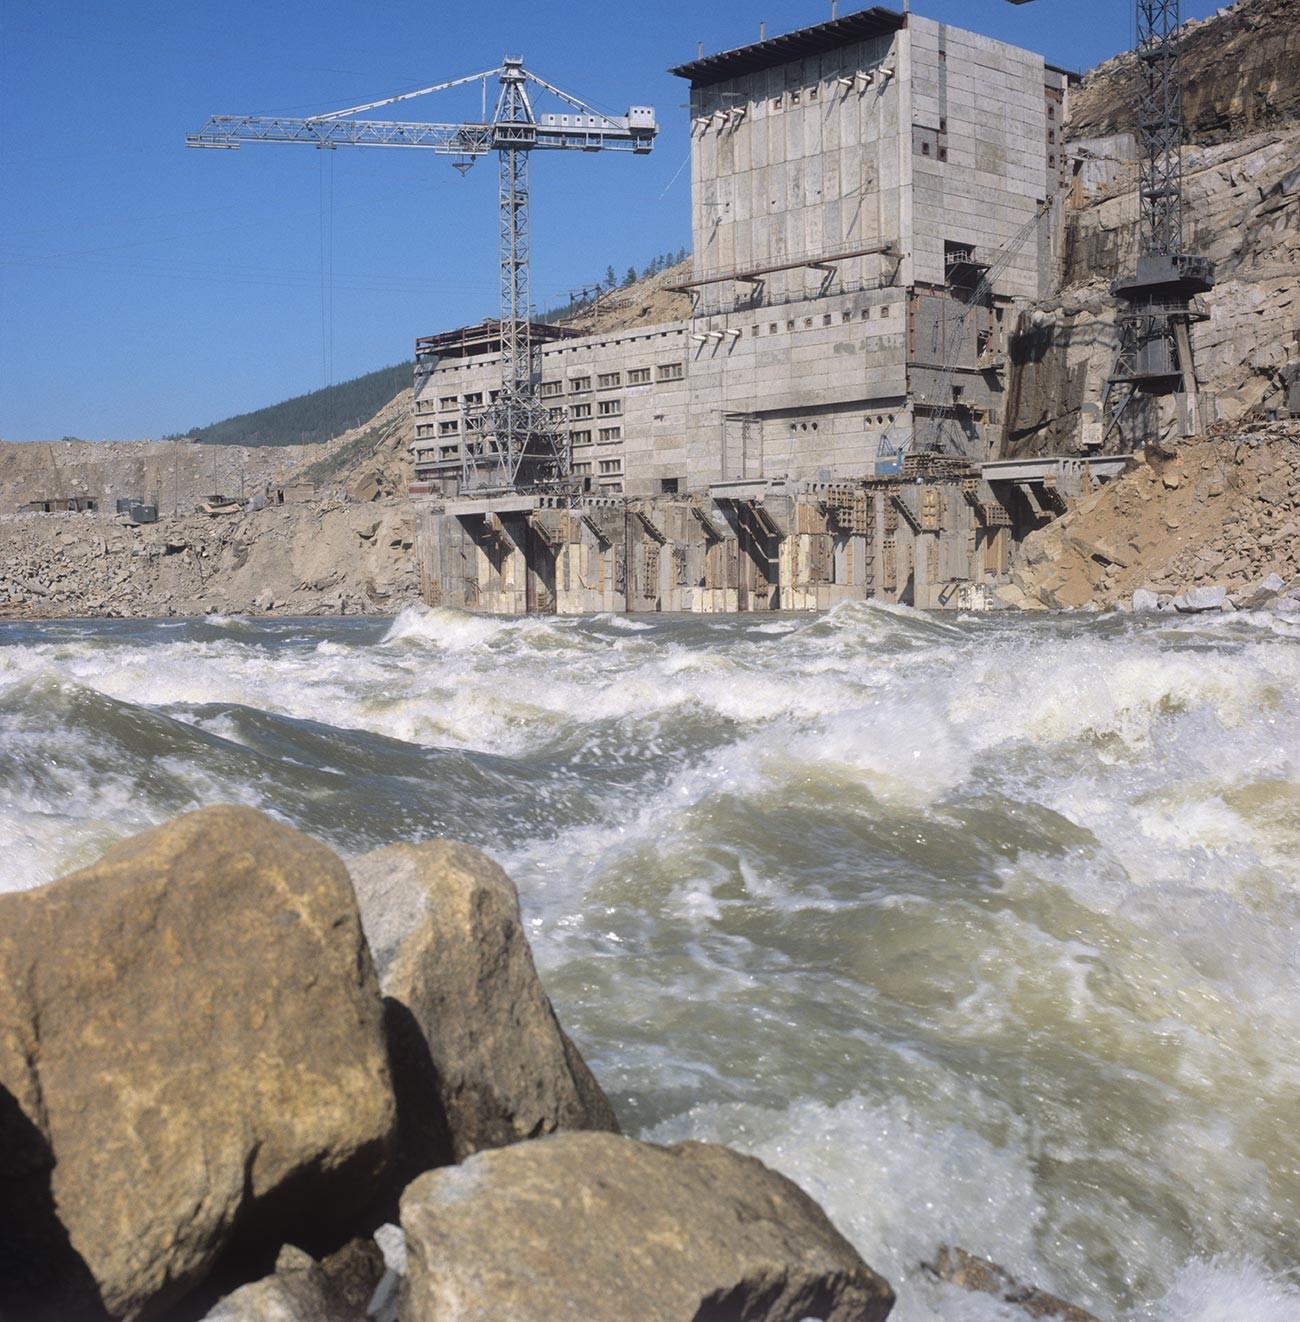 Изградња Колимске хидроелектране.